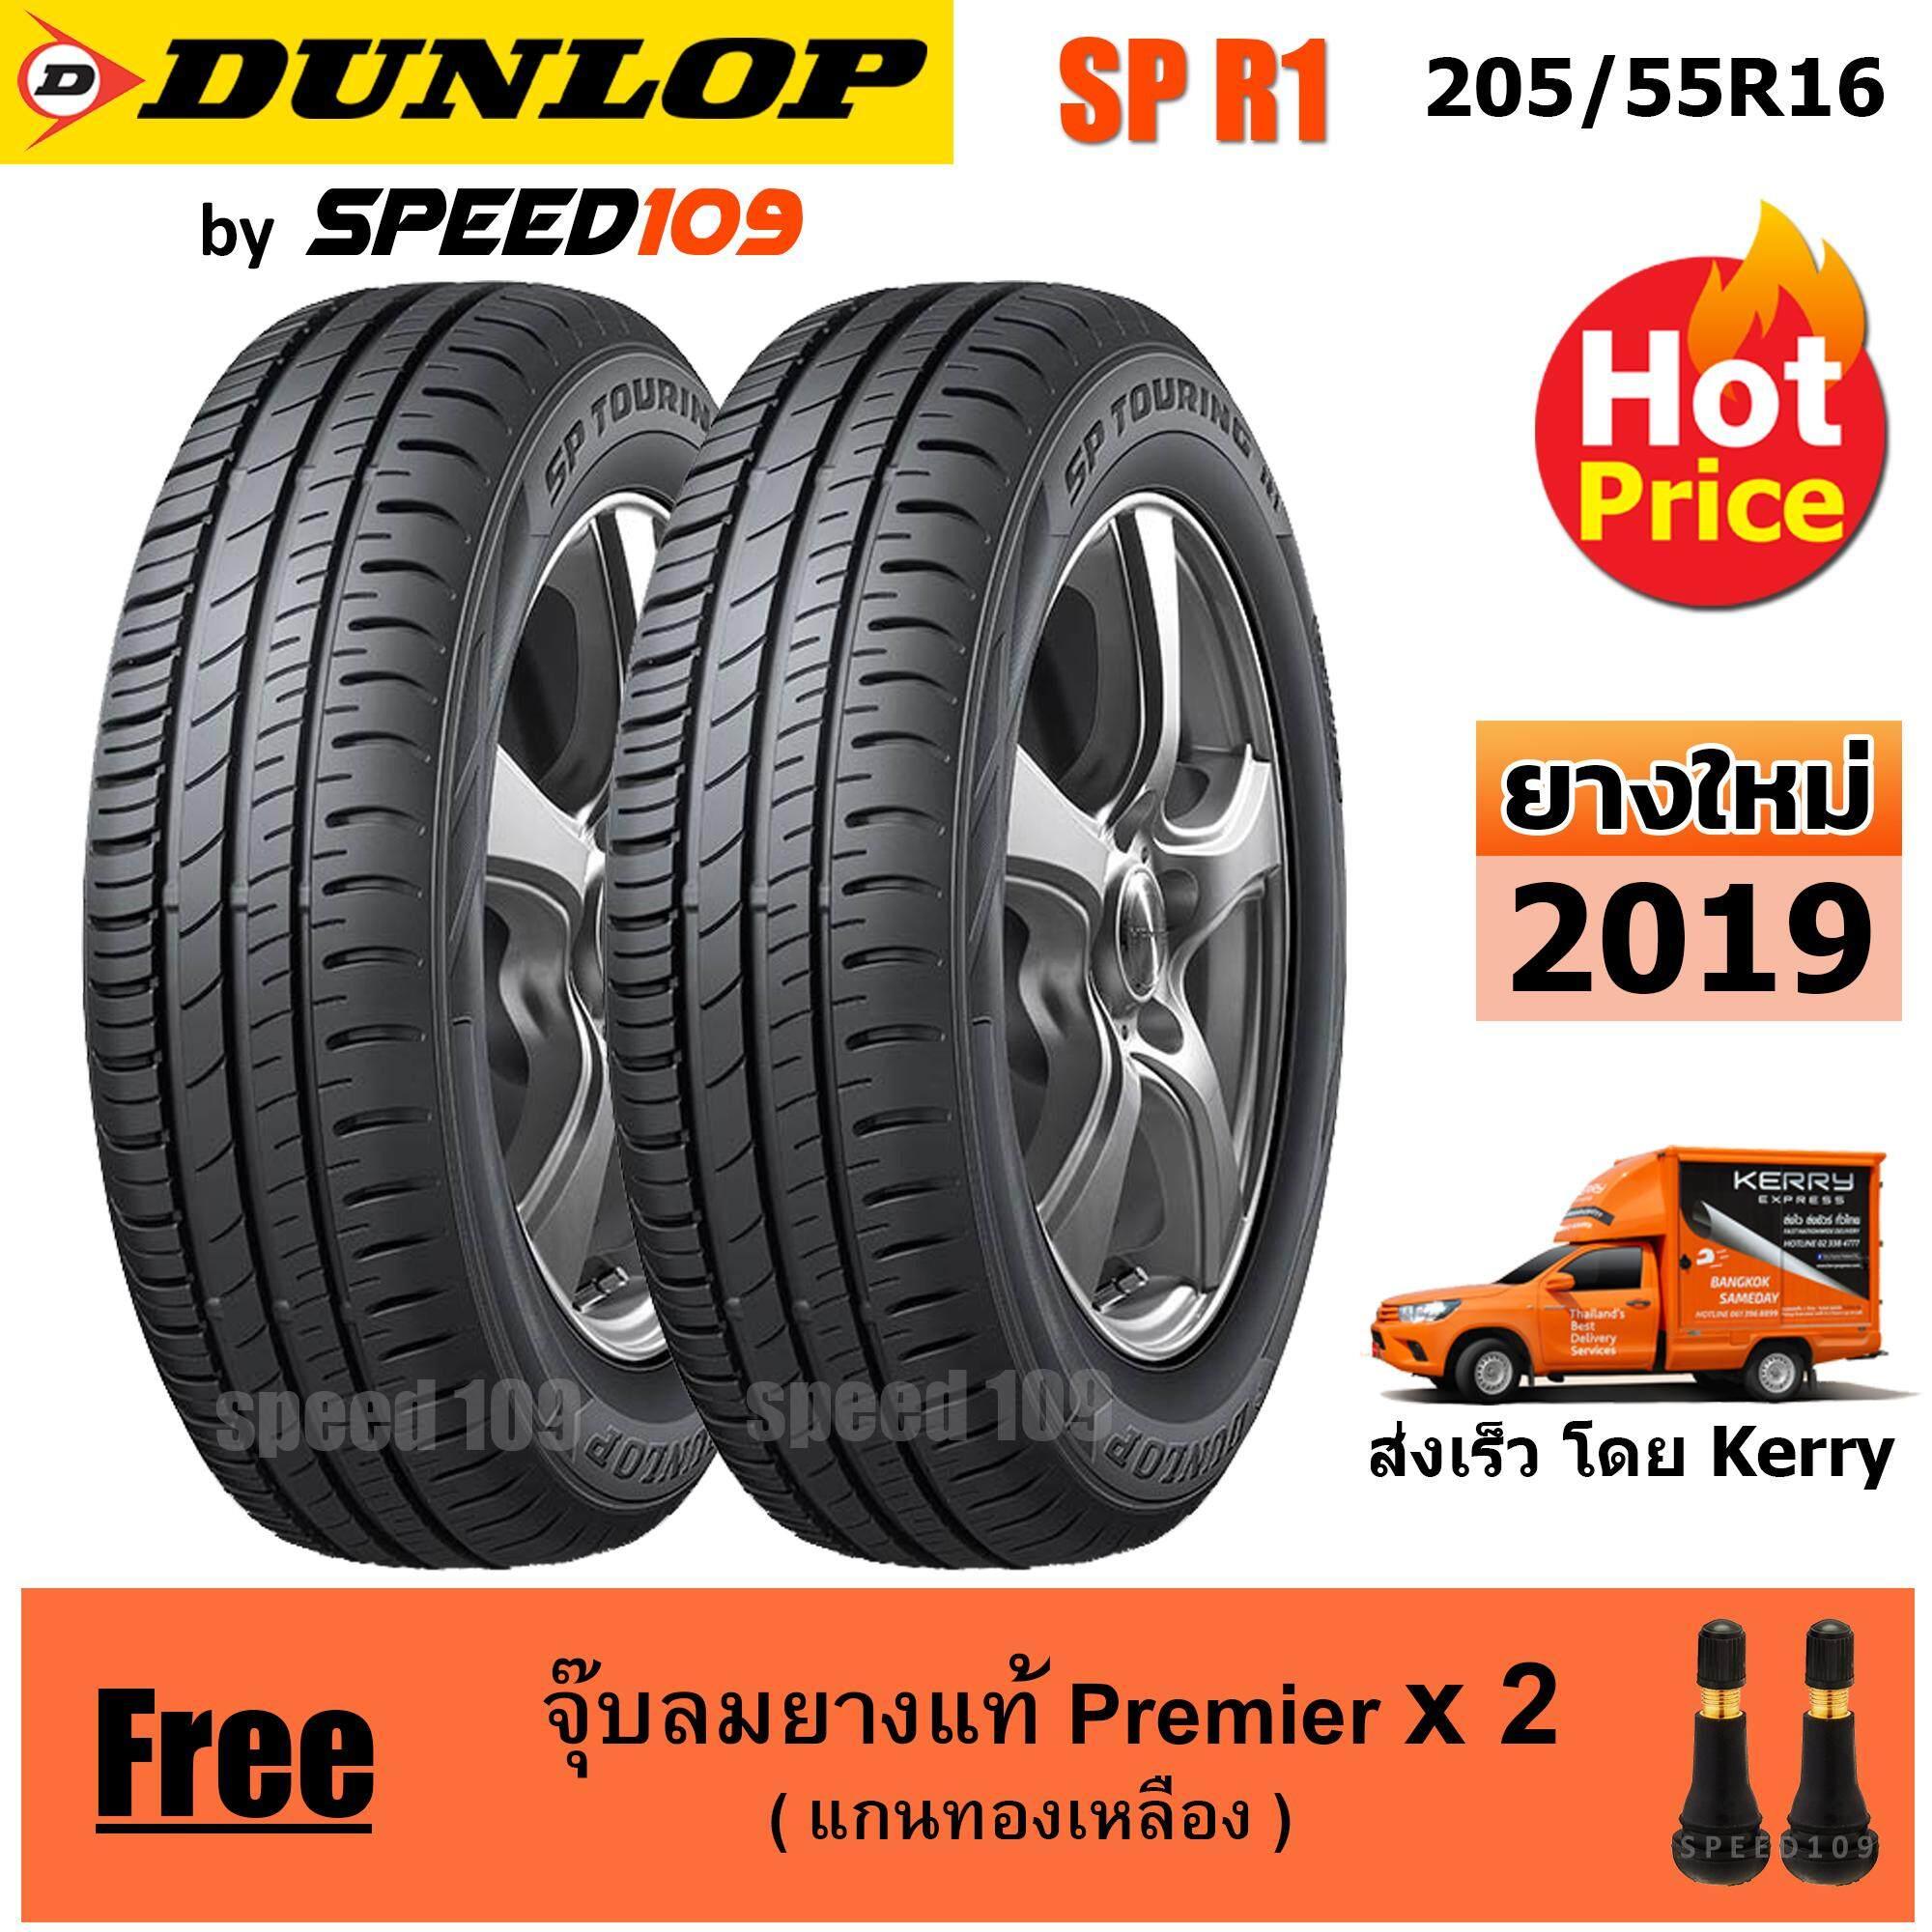 อุดรธานี DUNLOP ยางรถยนต์ ขอบ 16 ขนาด 205/55R16 รุ่น SP TOURING R1 - 2 เส้น (ปี 2019)